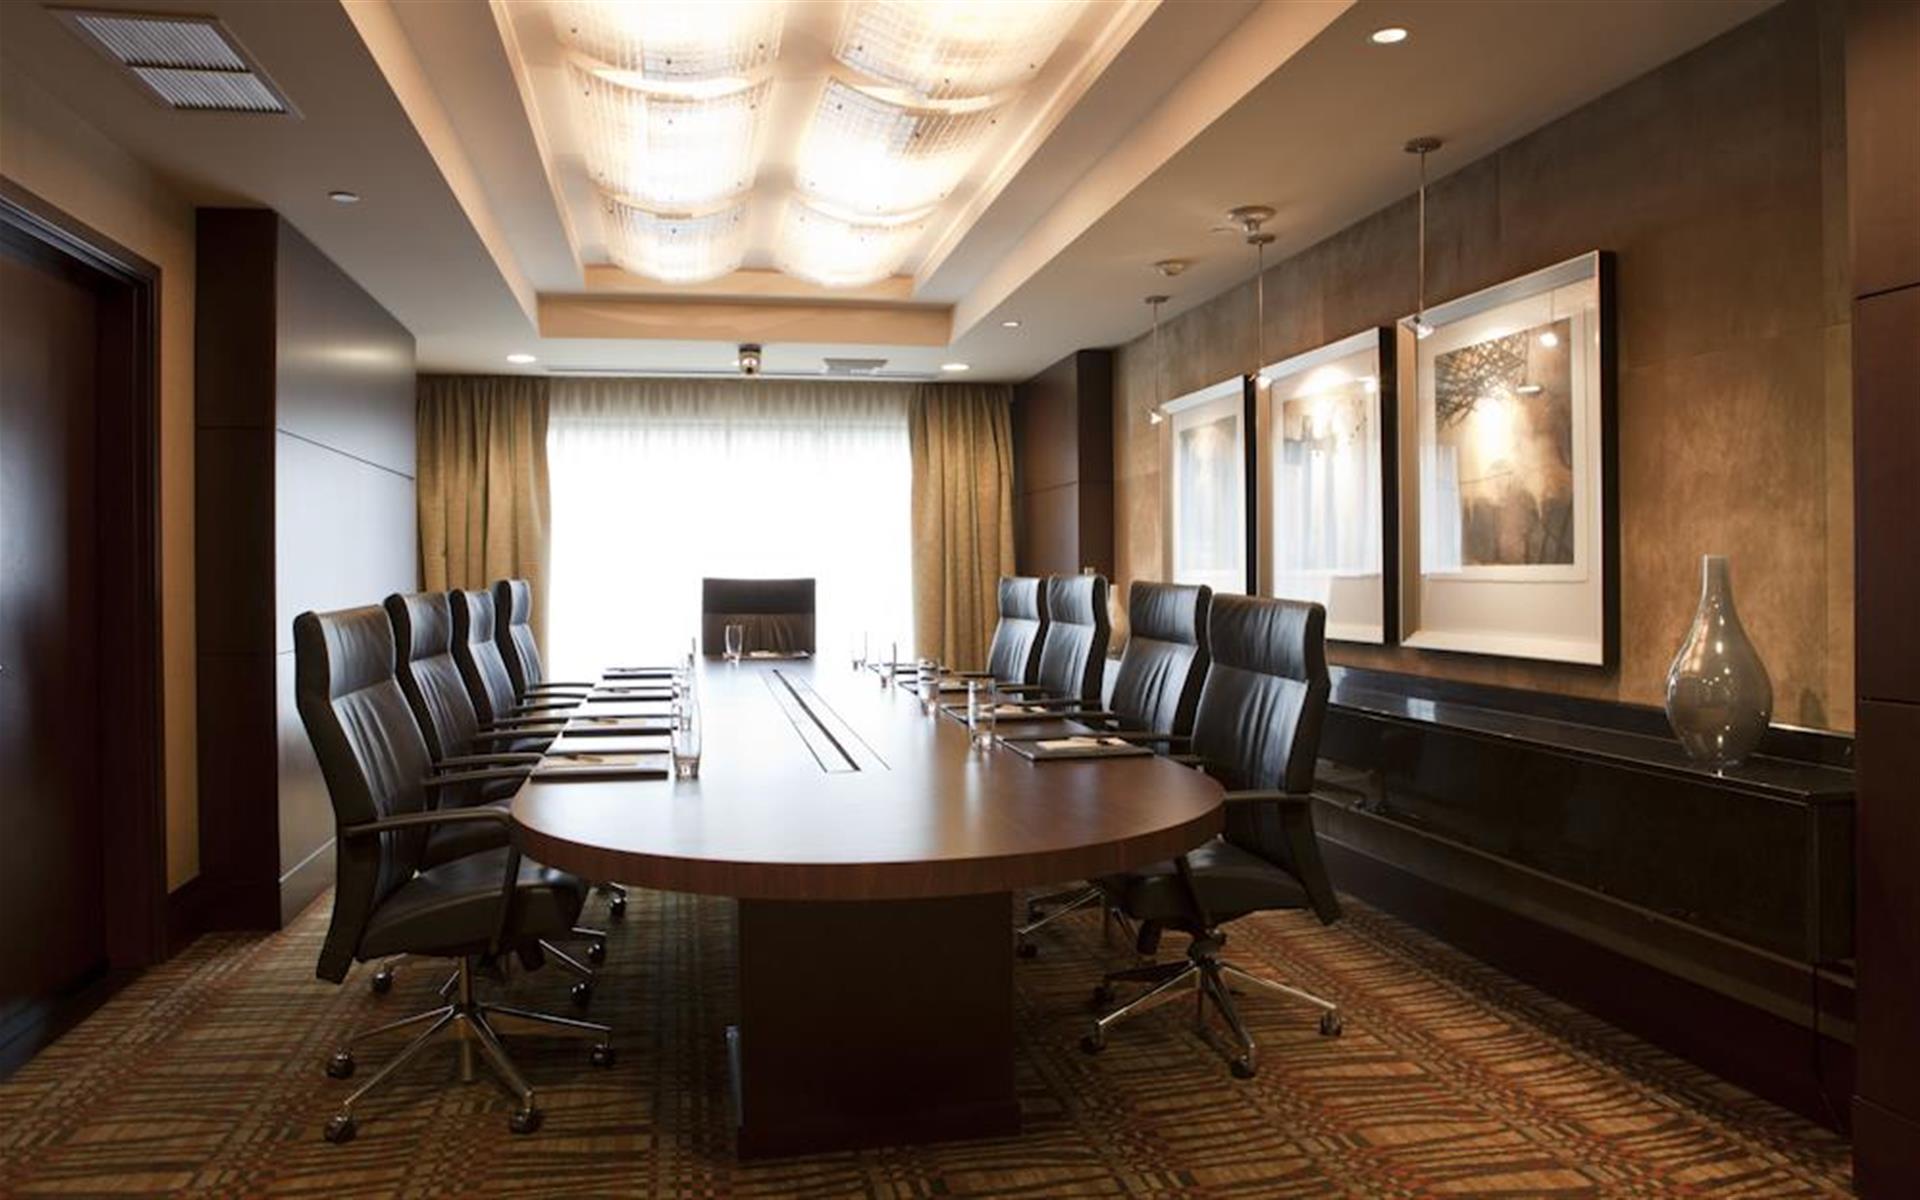 Hotel 1000 - Boardroom